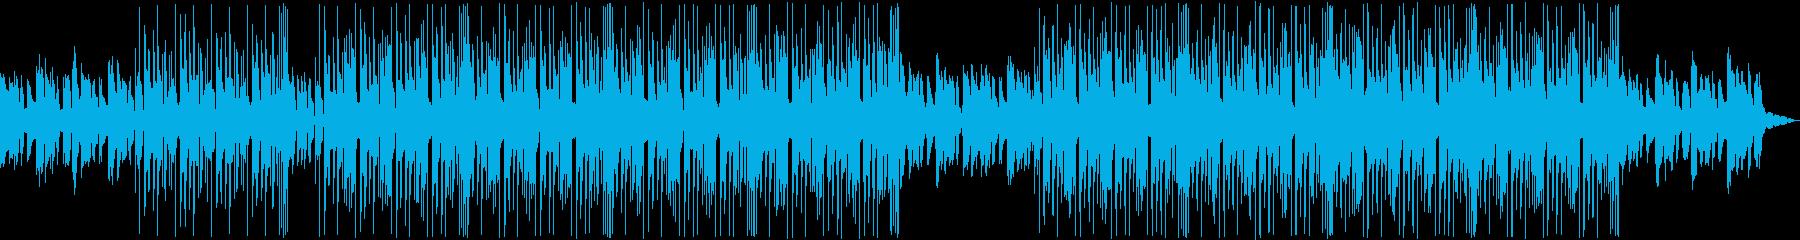 考察中なイメージの再生済みの波形